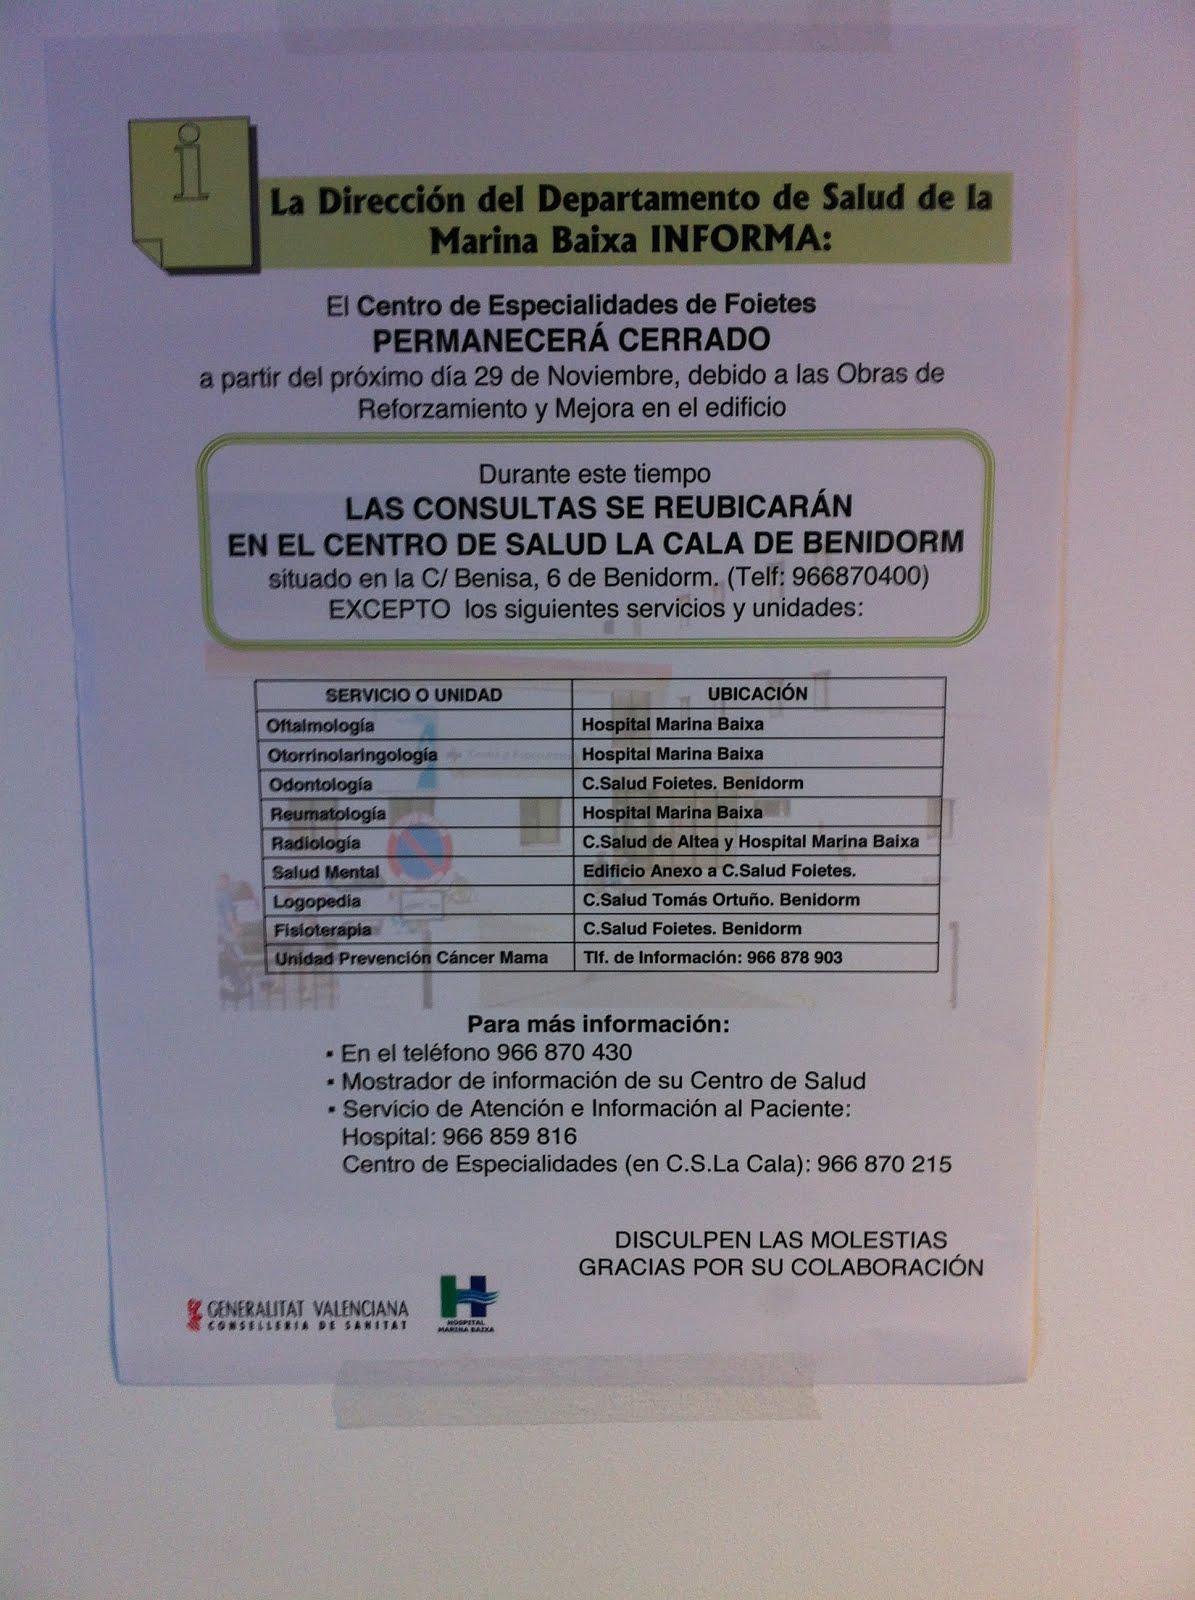 A PARTIR DEL 29/11/2013, LOS PACIENTES DE RELLEU